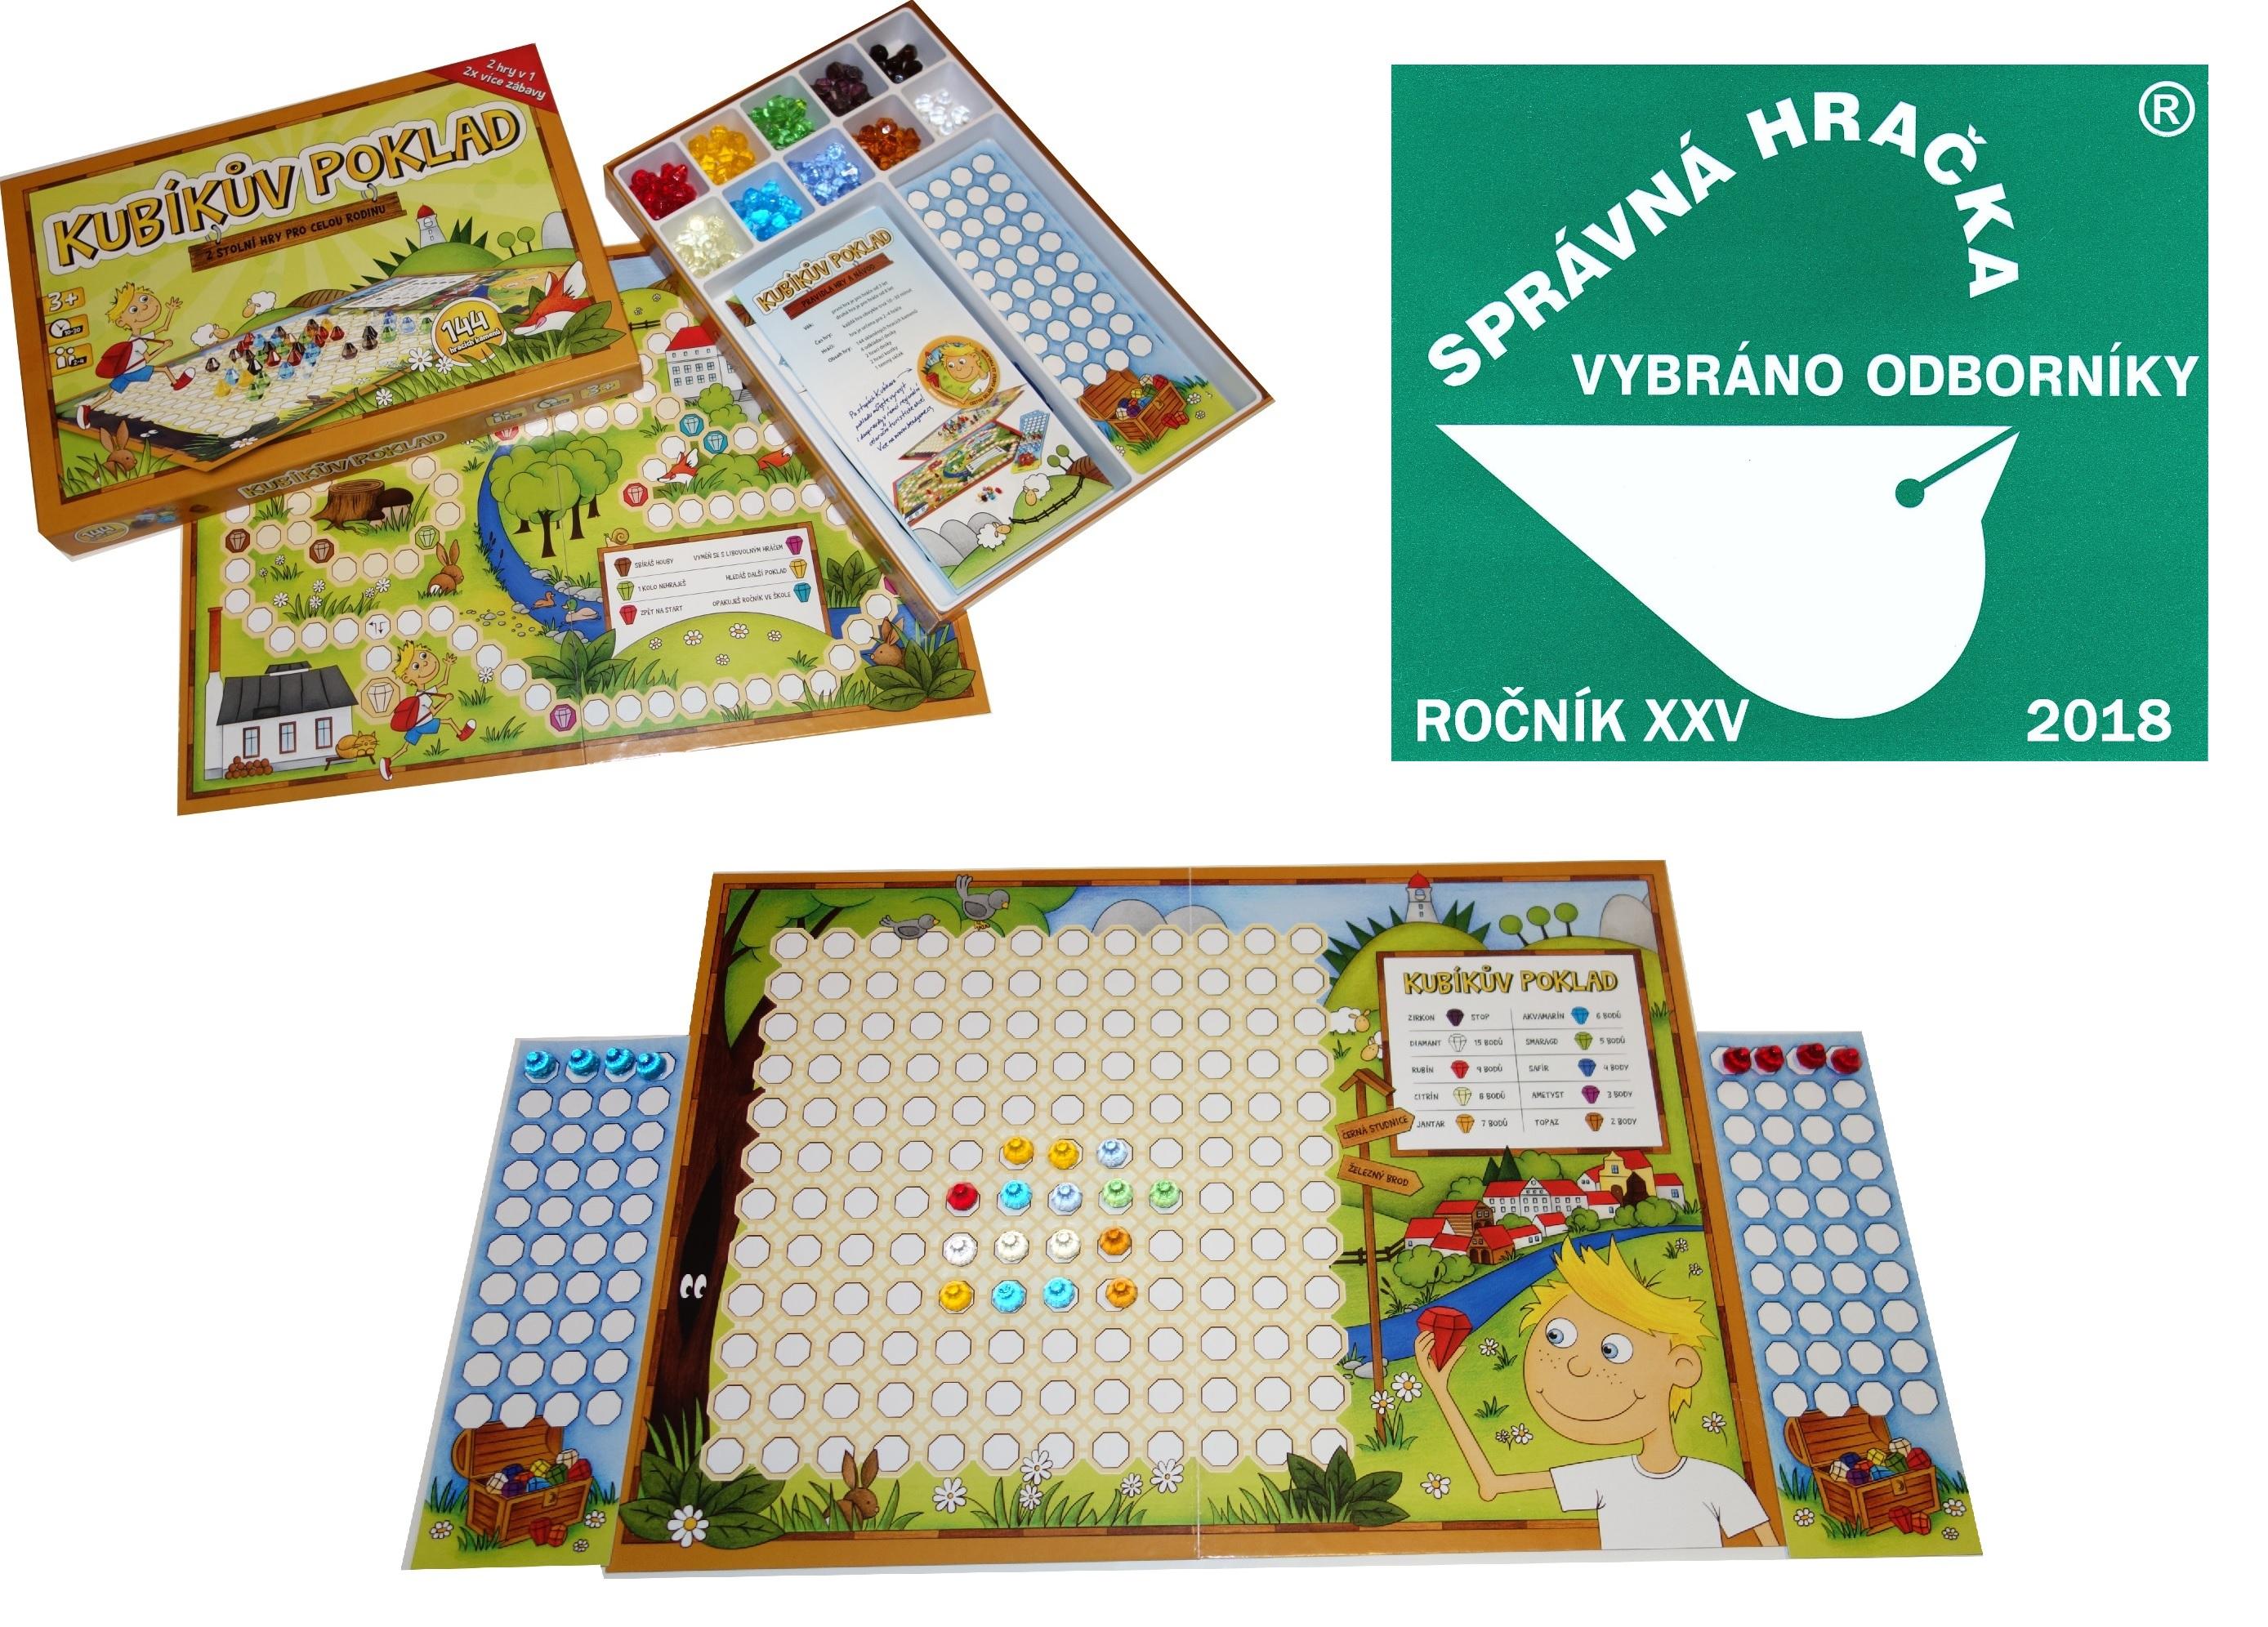 Psí život, Samaja, Kubíkův poklad – deskové hry pro celou rodinu jako originální vánoční dárek